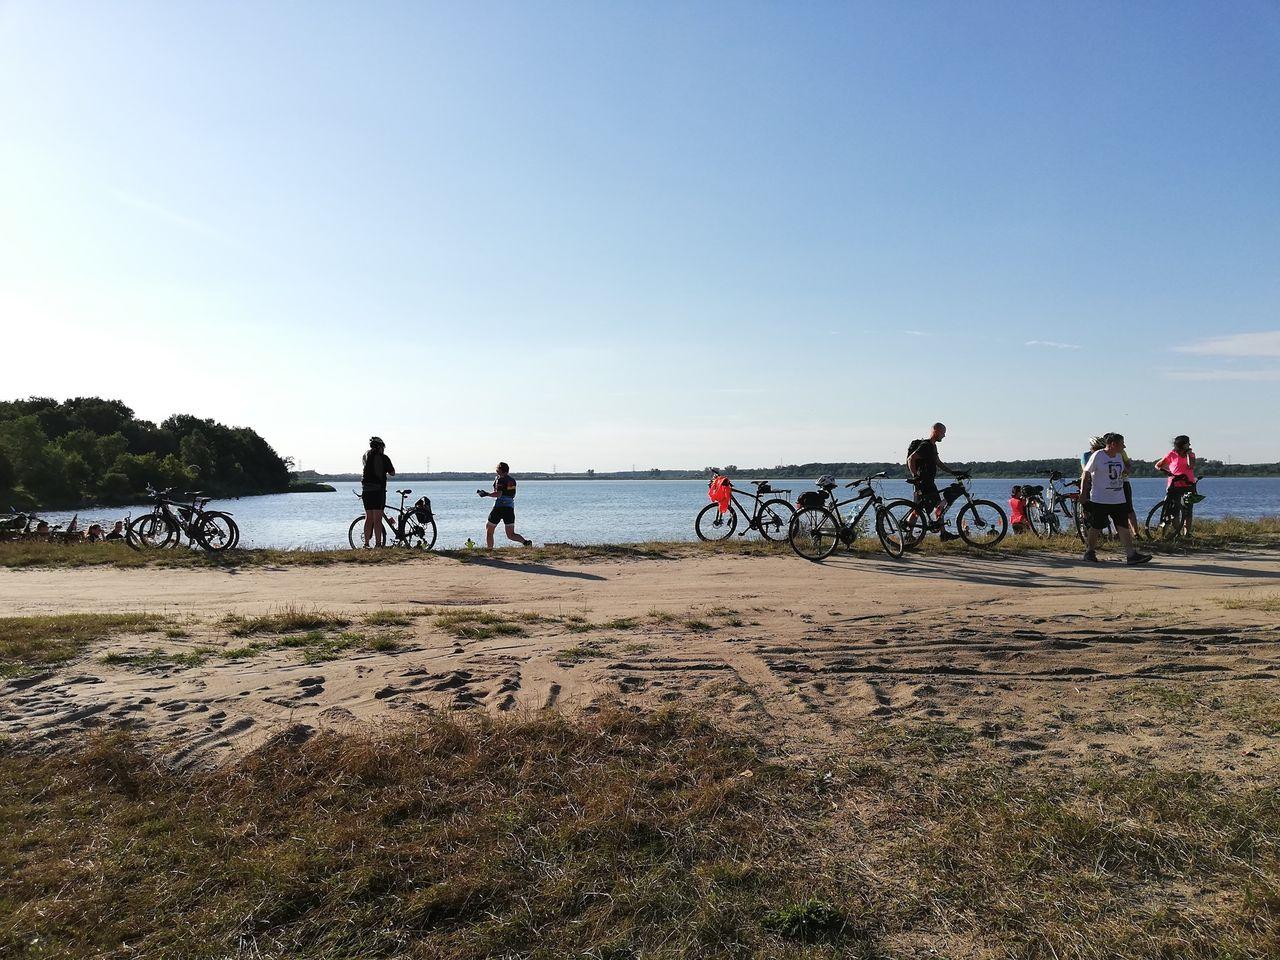 ludzie na rowerach nad wodą